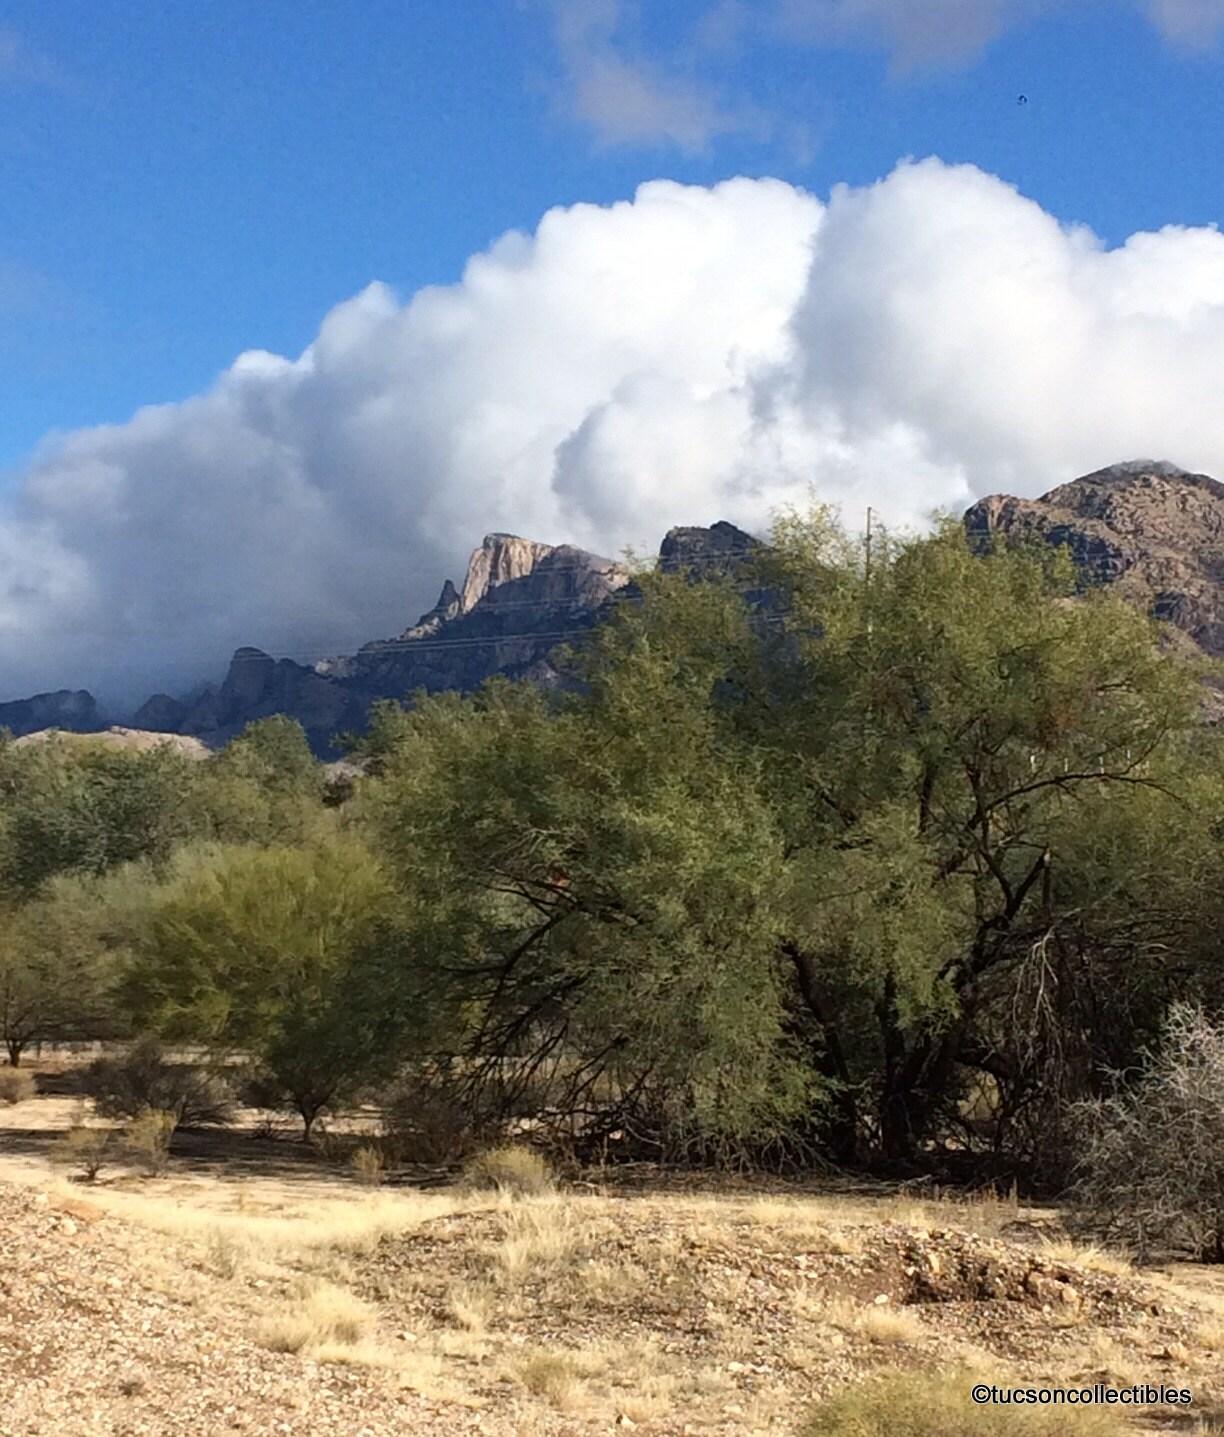 mesquite trees in the desert